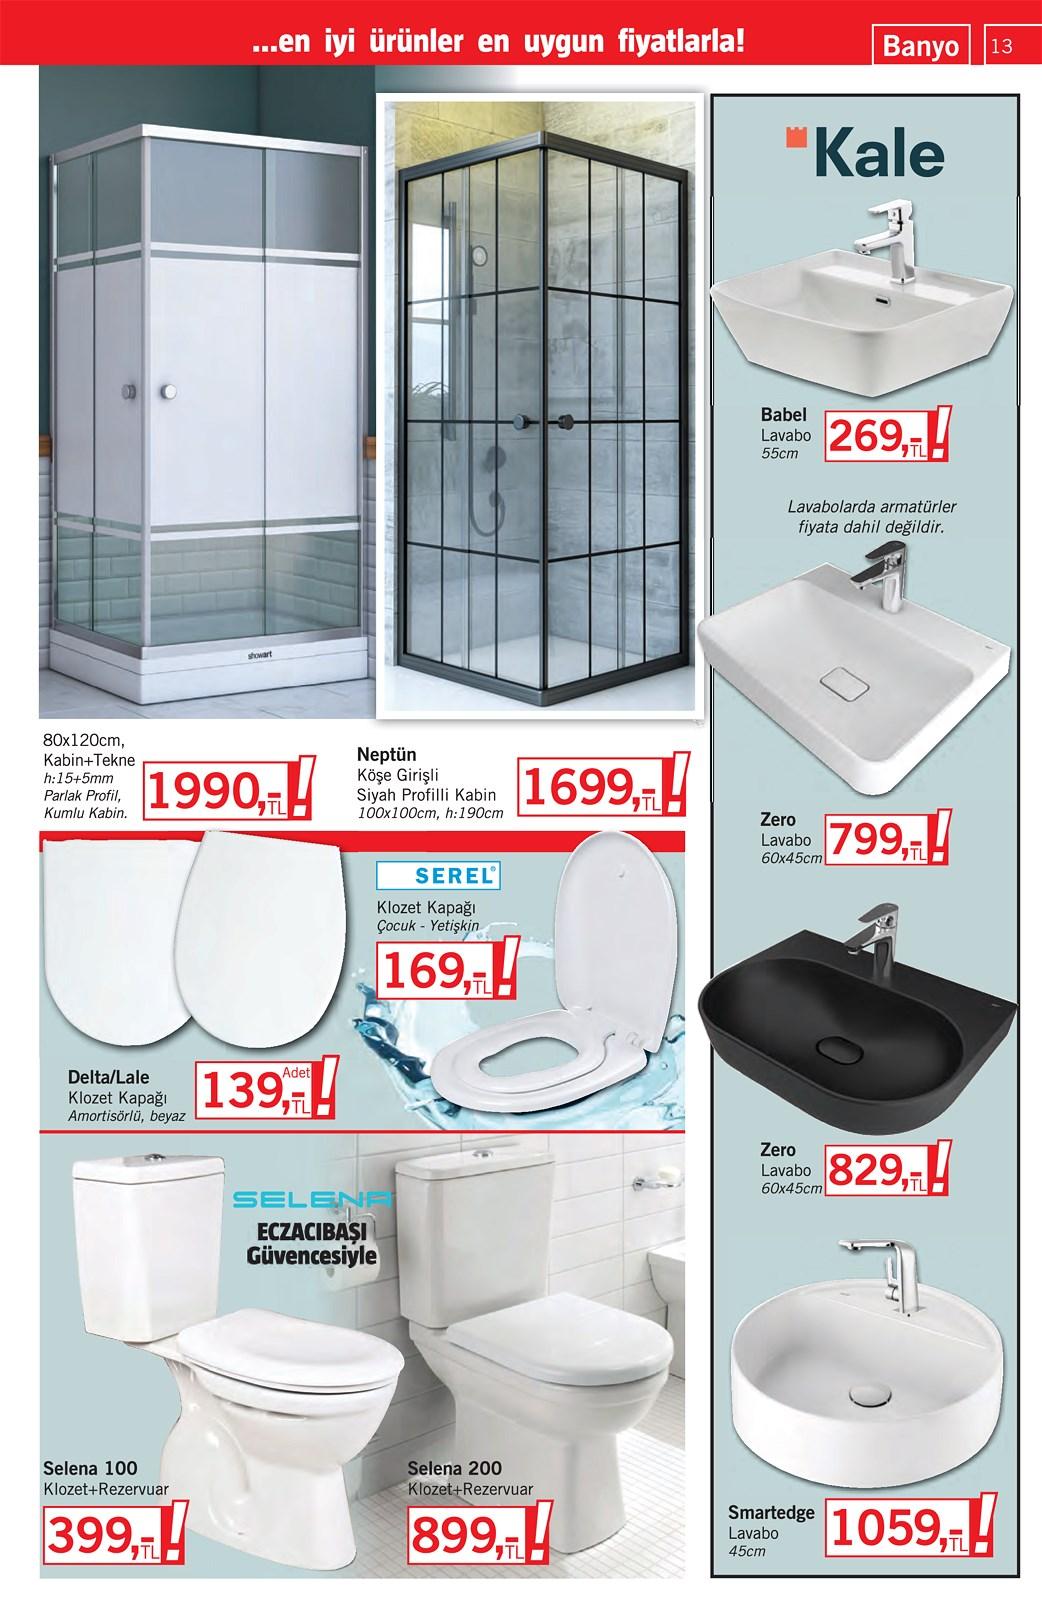 25.09.2021 Bauhaus broşürü 13. sayfa